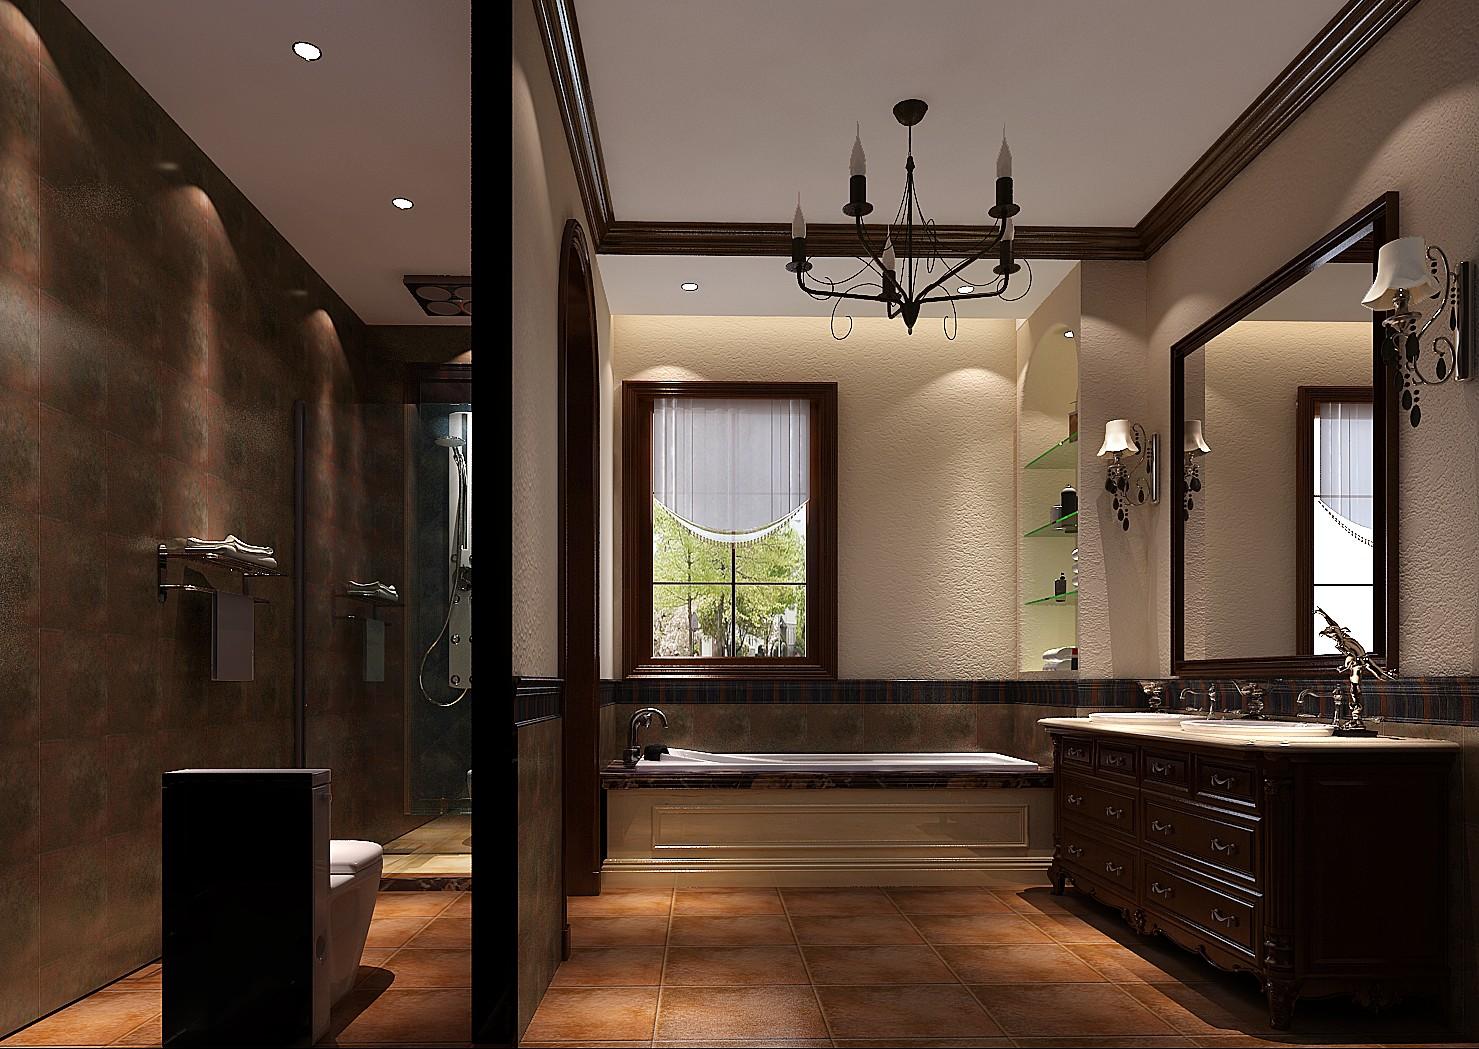 托斯卡纳 别墅 卫生间图片来自凌军在龙湖香醍漫步托斯卡纳风格的分享